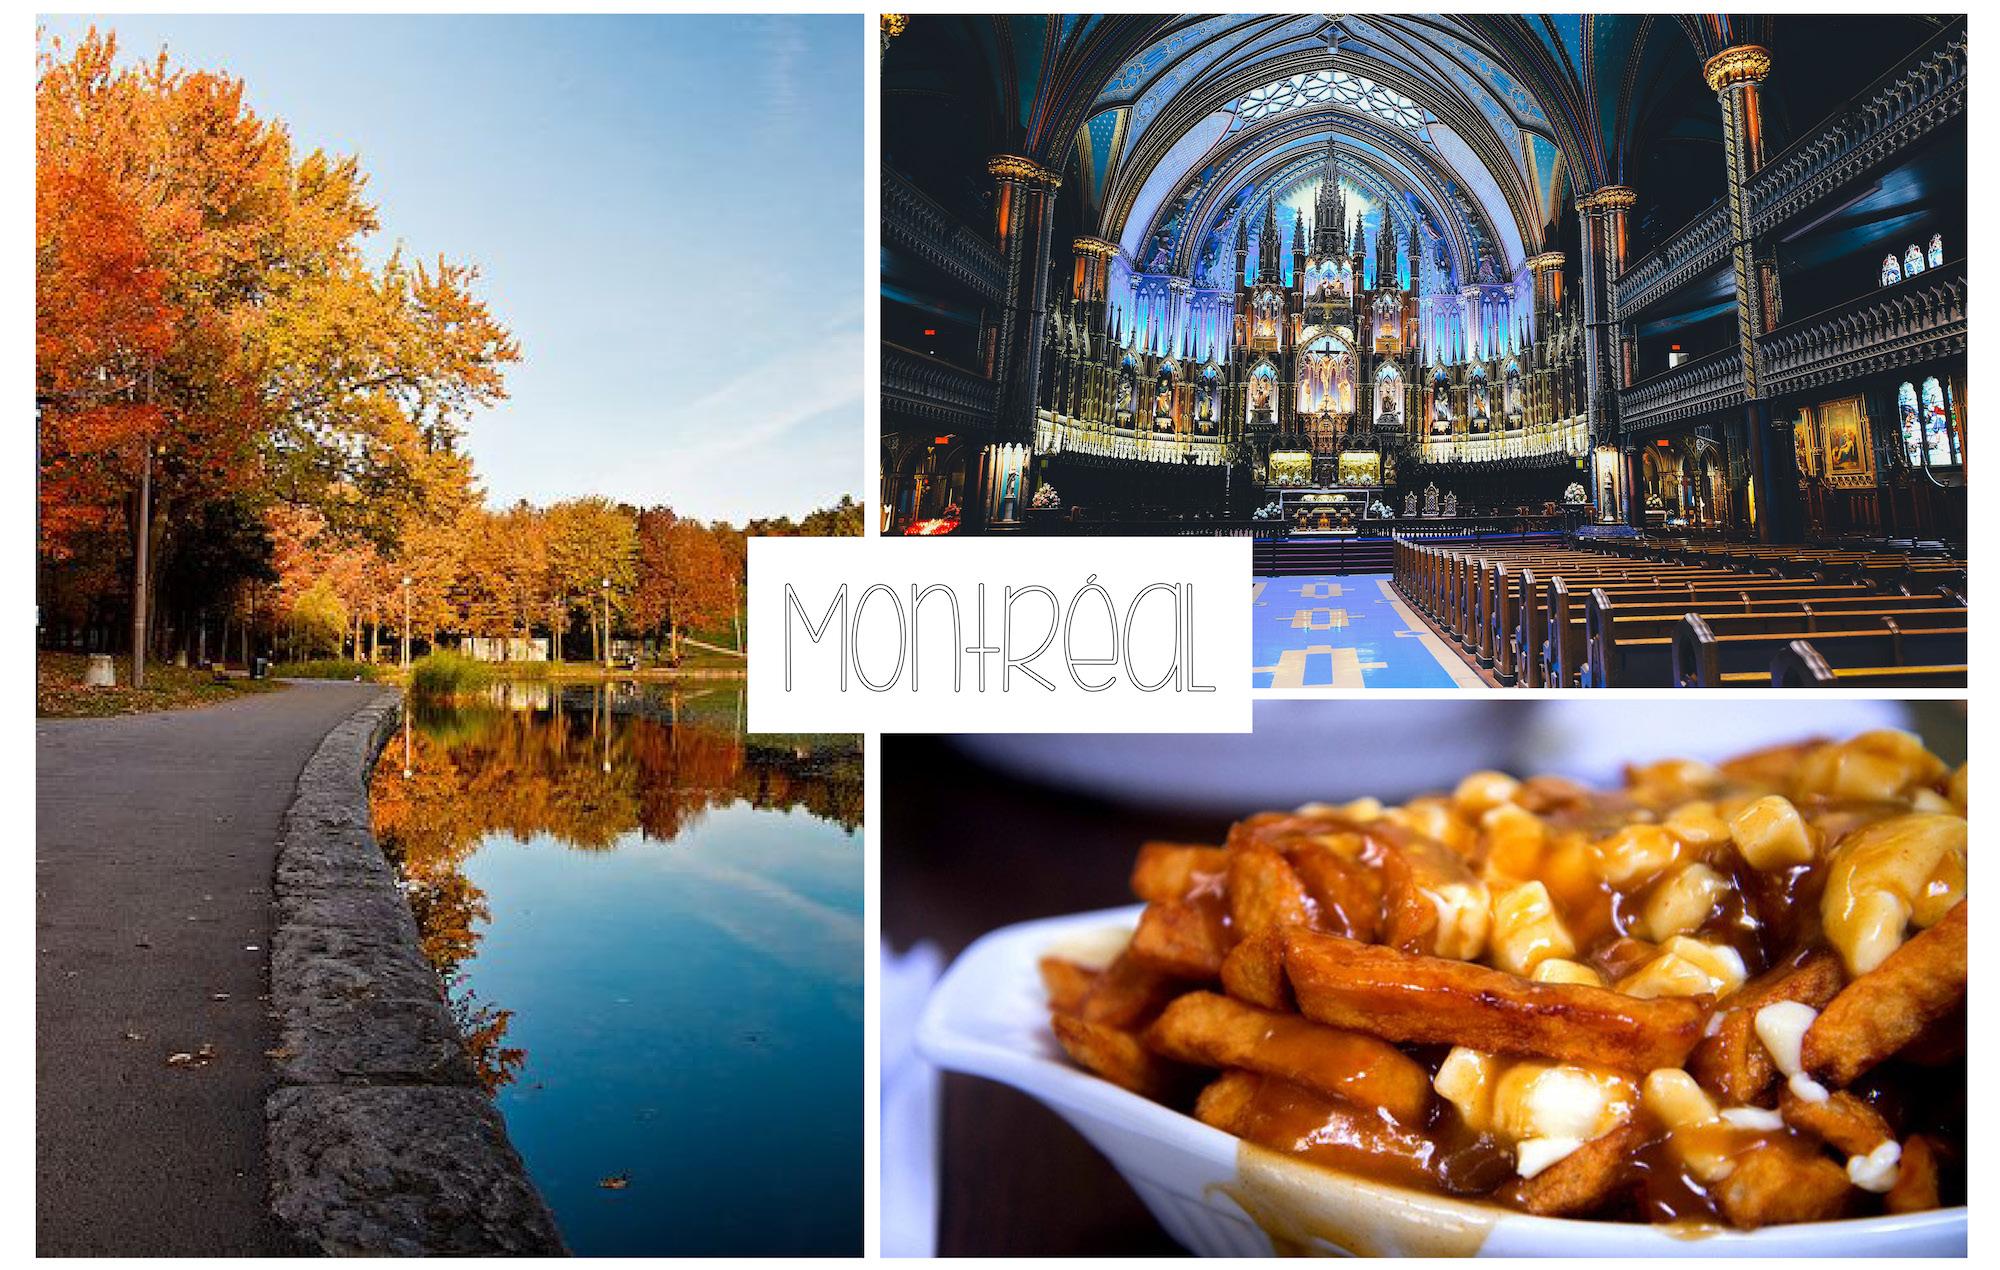 Road Trip Canada USA - Montréal